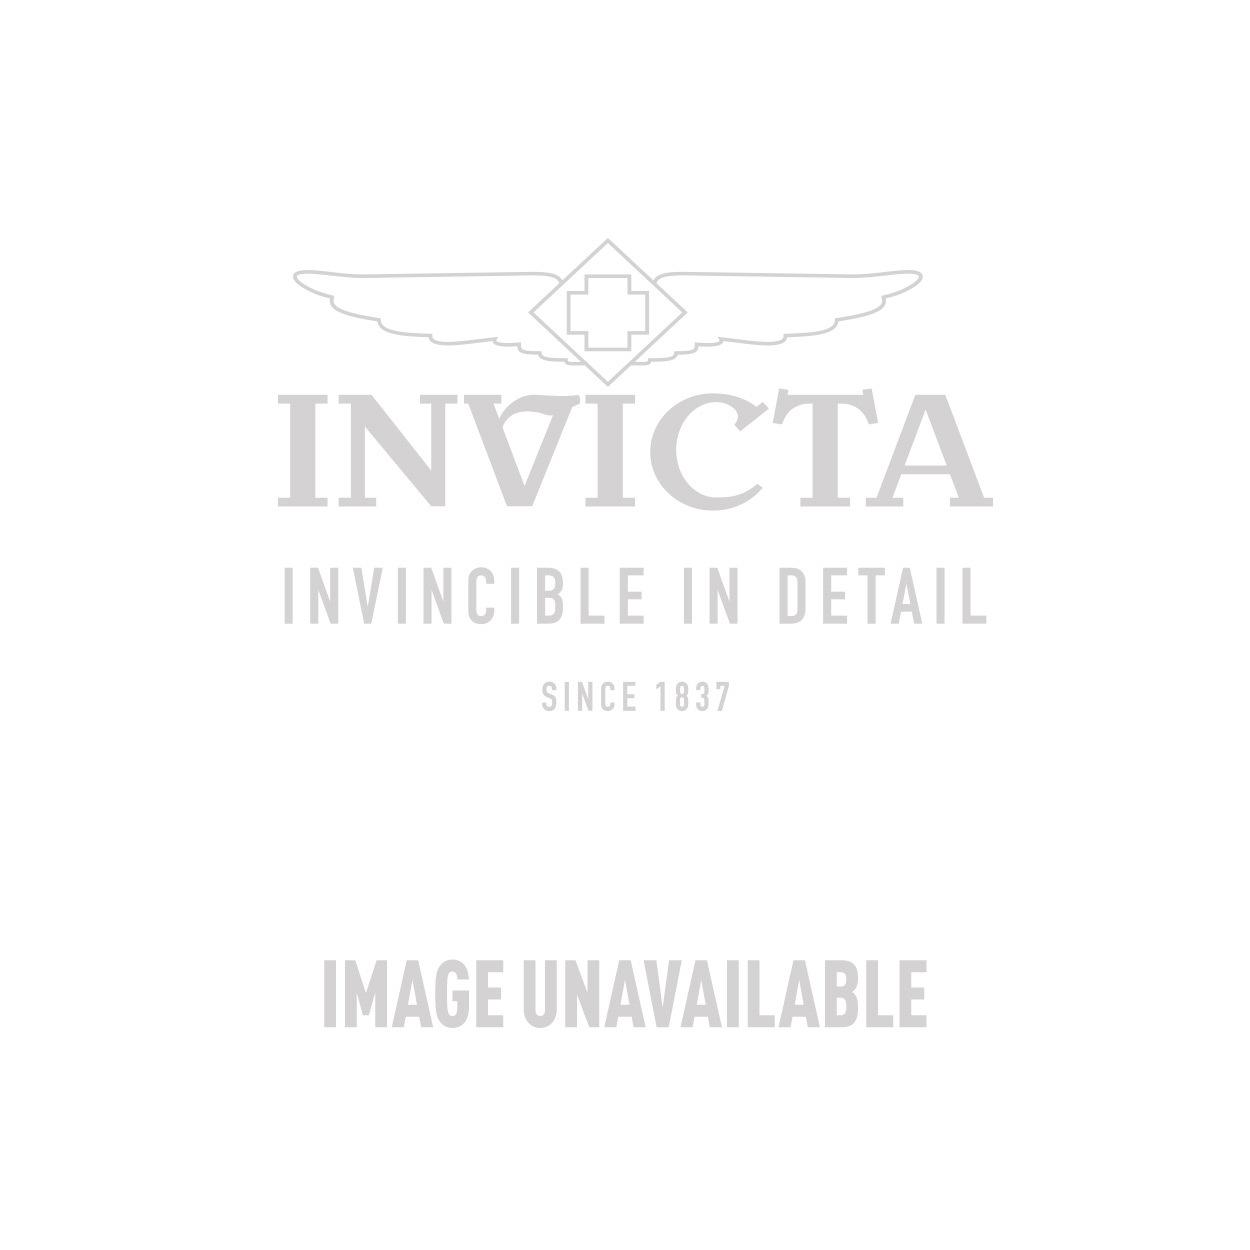 Invicta Model 28155